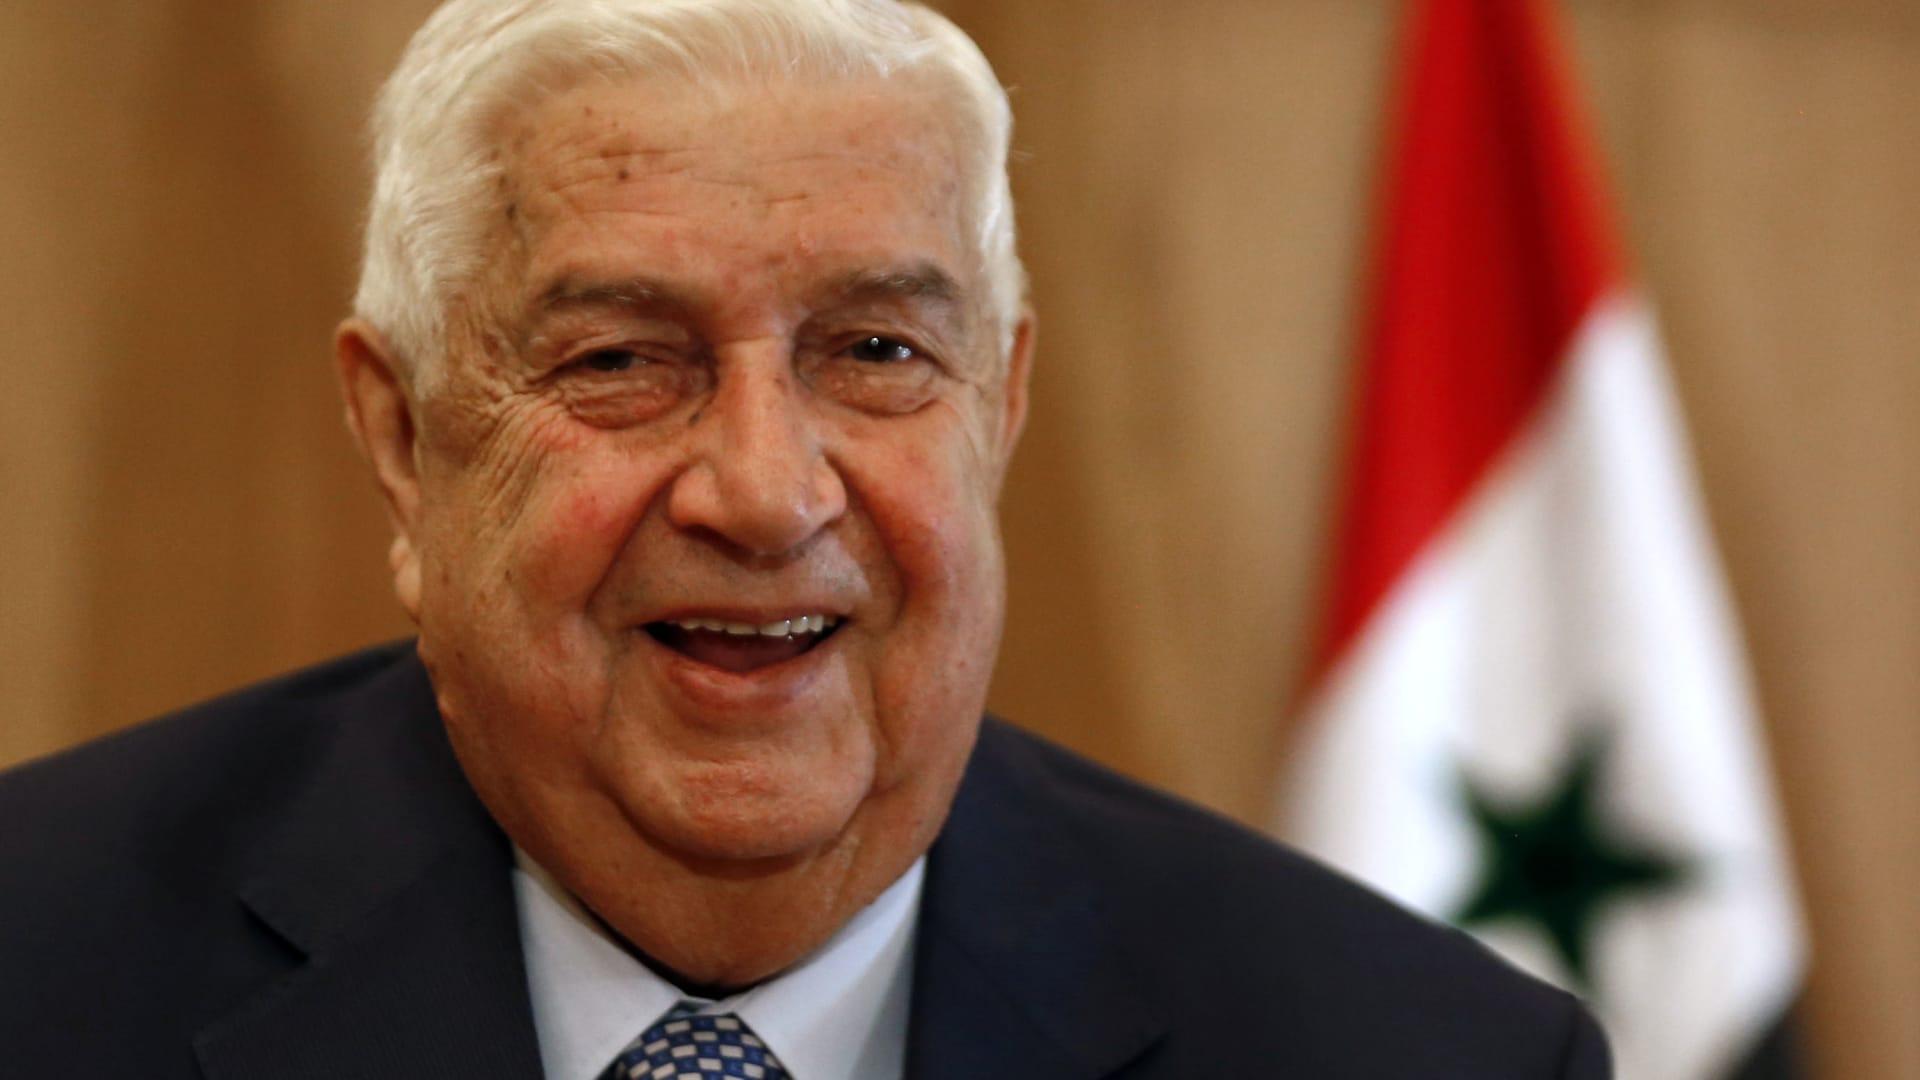 سفير سلطنة عُمان يسلم أوراق اعتماده لوزير الخارجية السوري